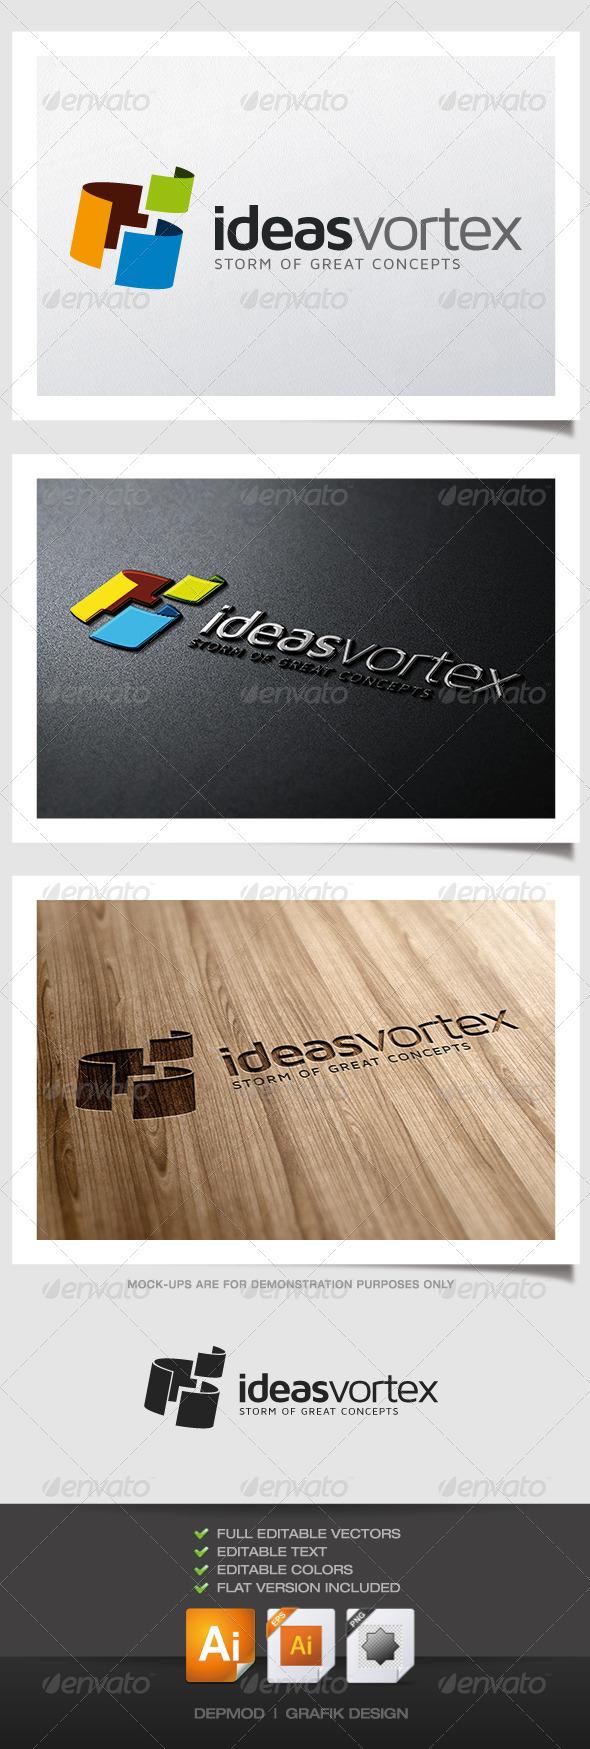 Ideas Vortex Logo - Abstract Logo Templates